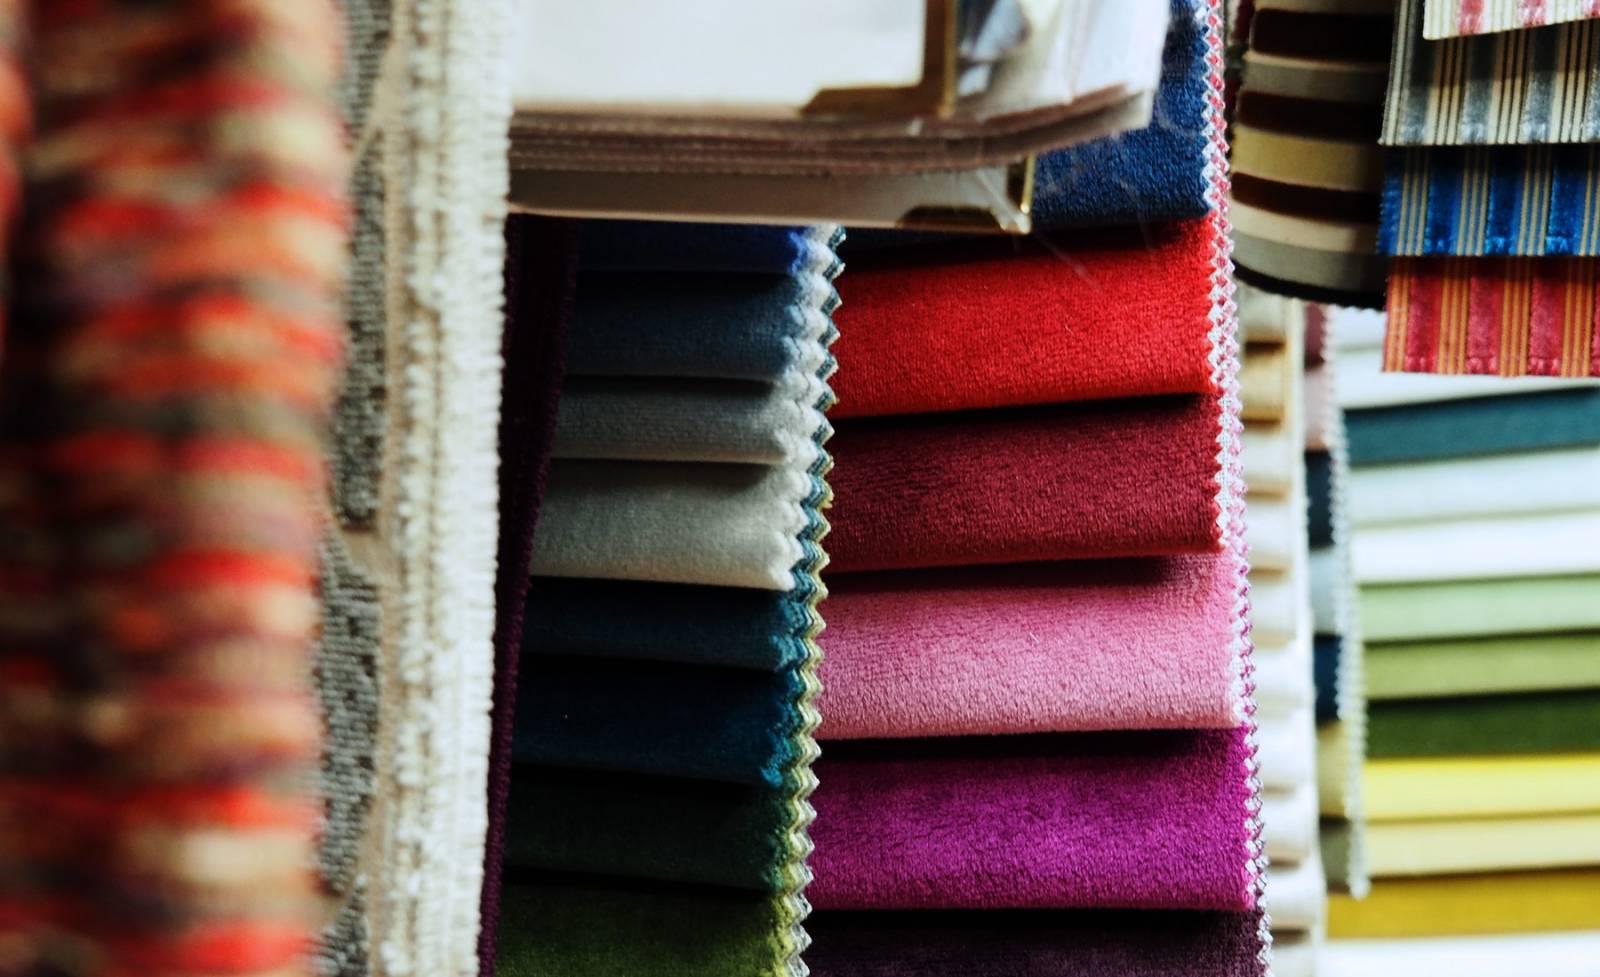 Magasin De Tissus Salon De Provence vente de tissus d'ameublement pour décoration intérieure aix